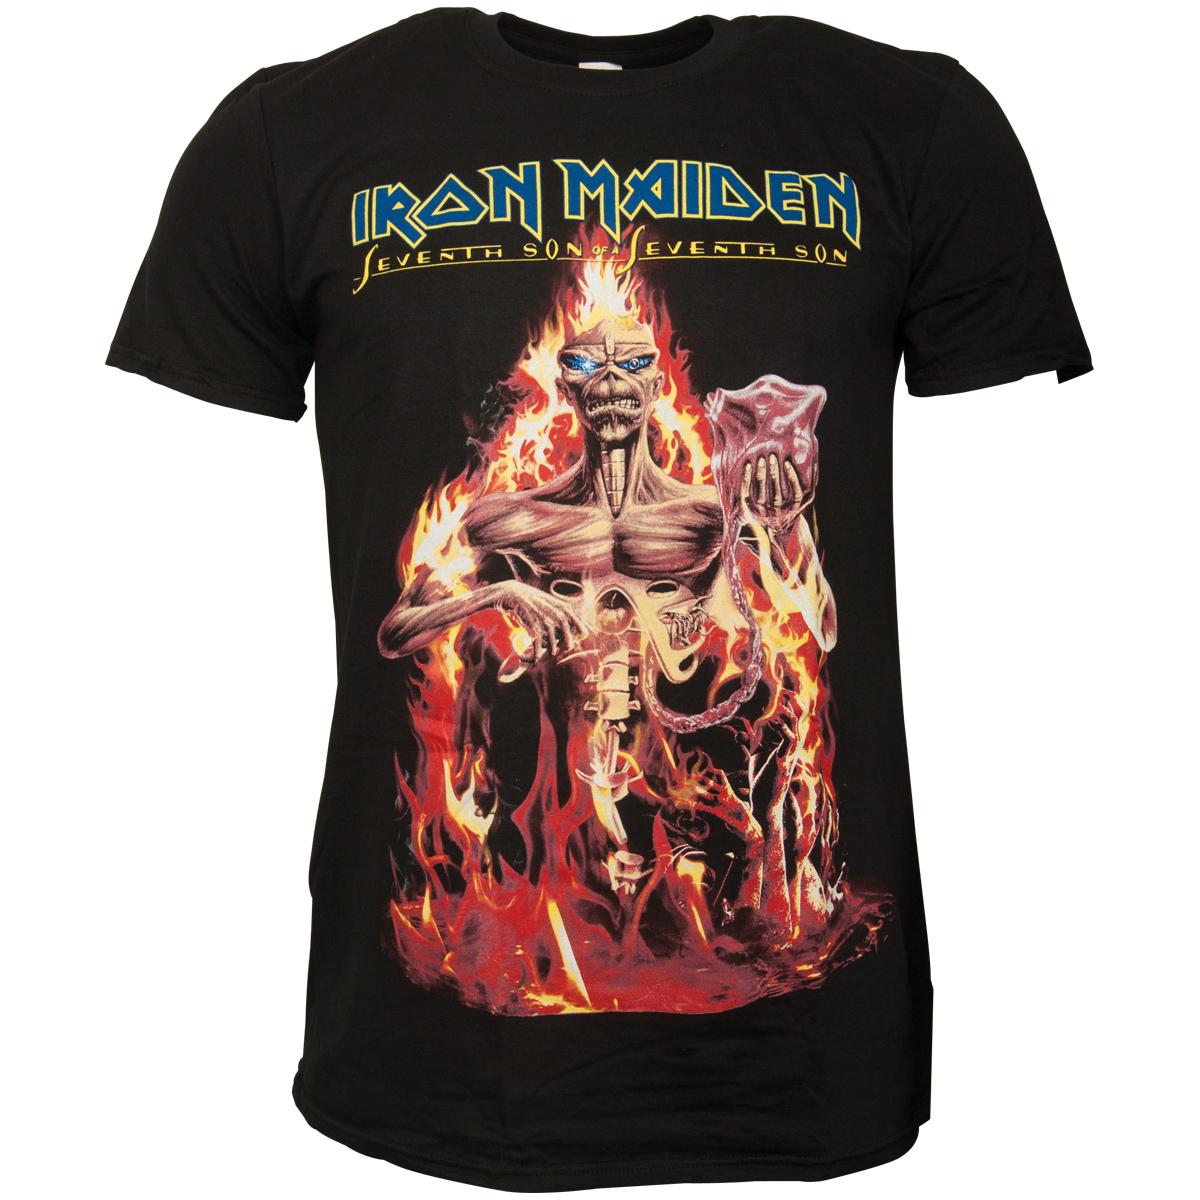 Iron Maiden - T-Shirt Seventh Son - schwarz